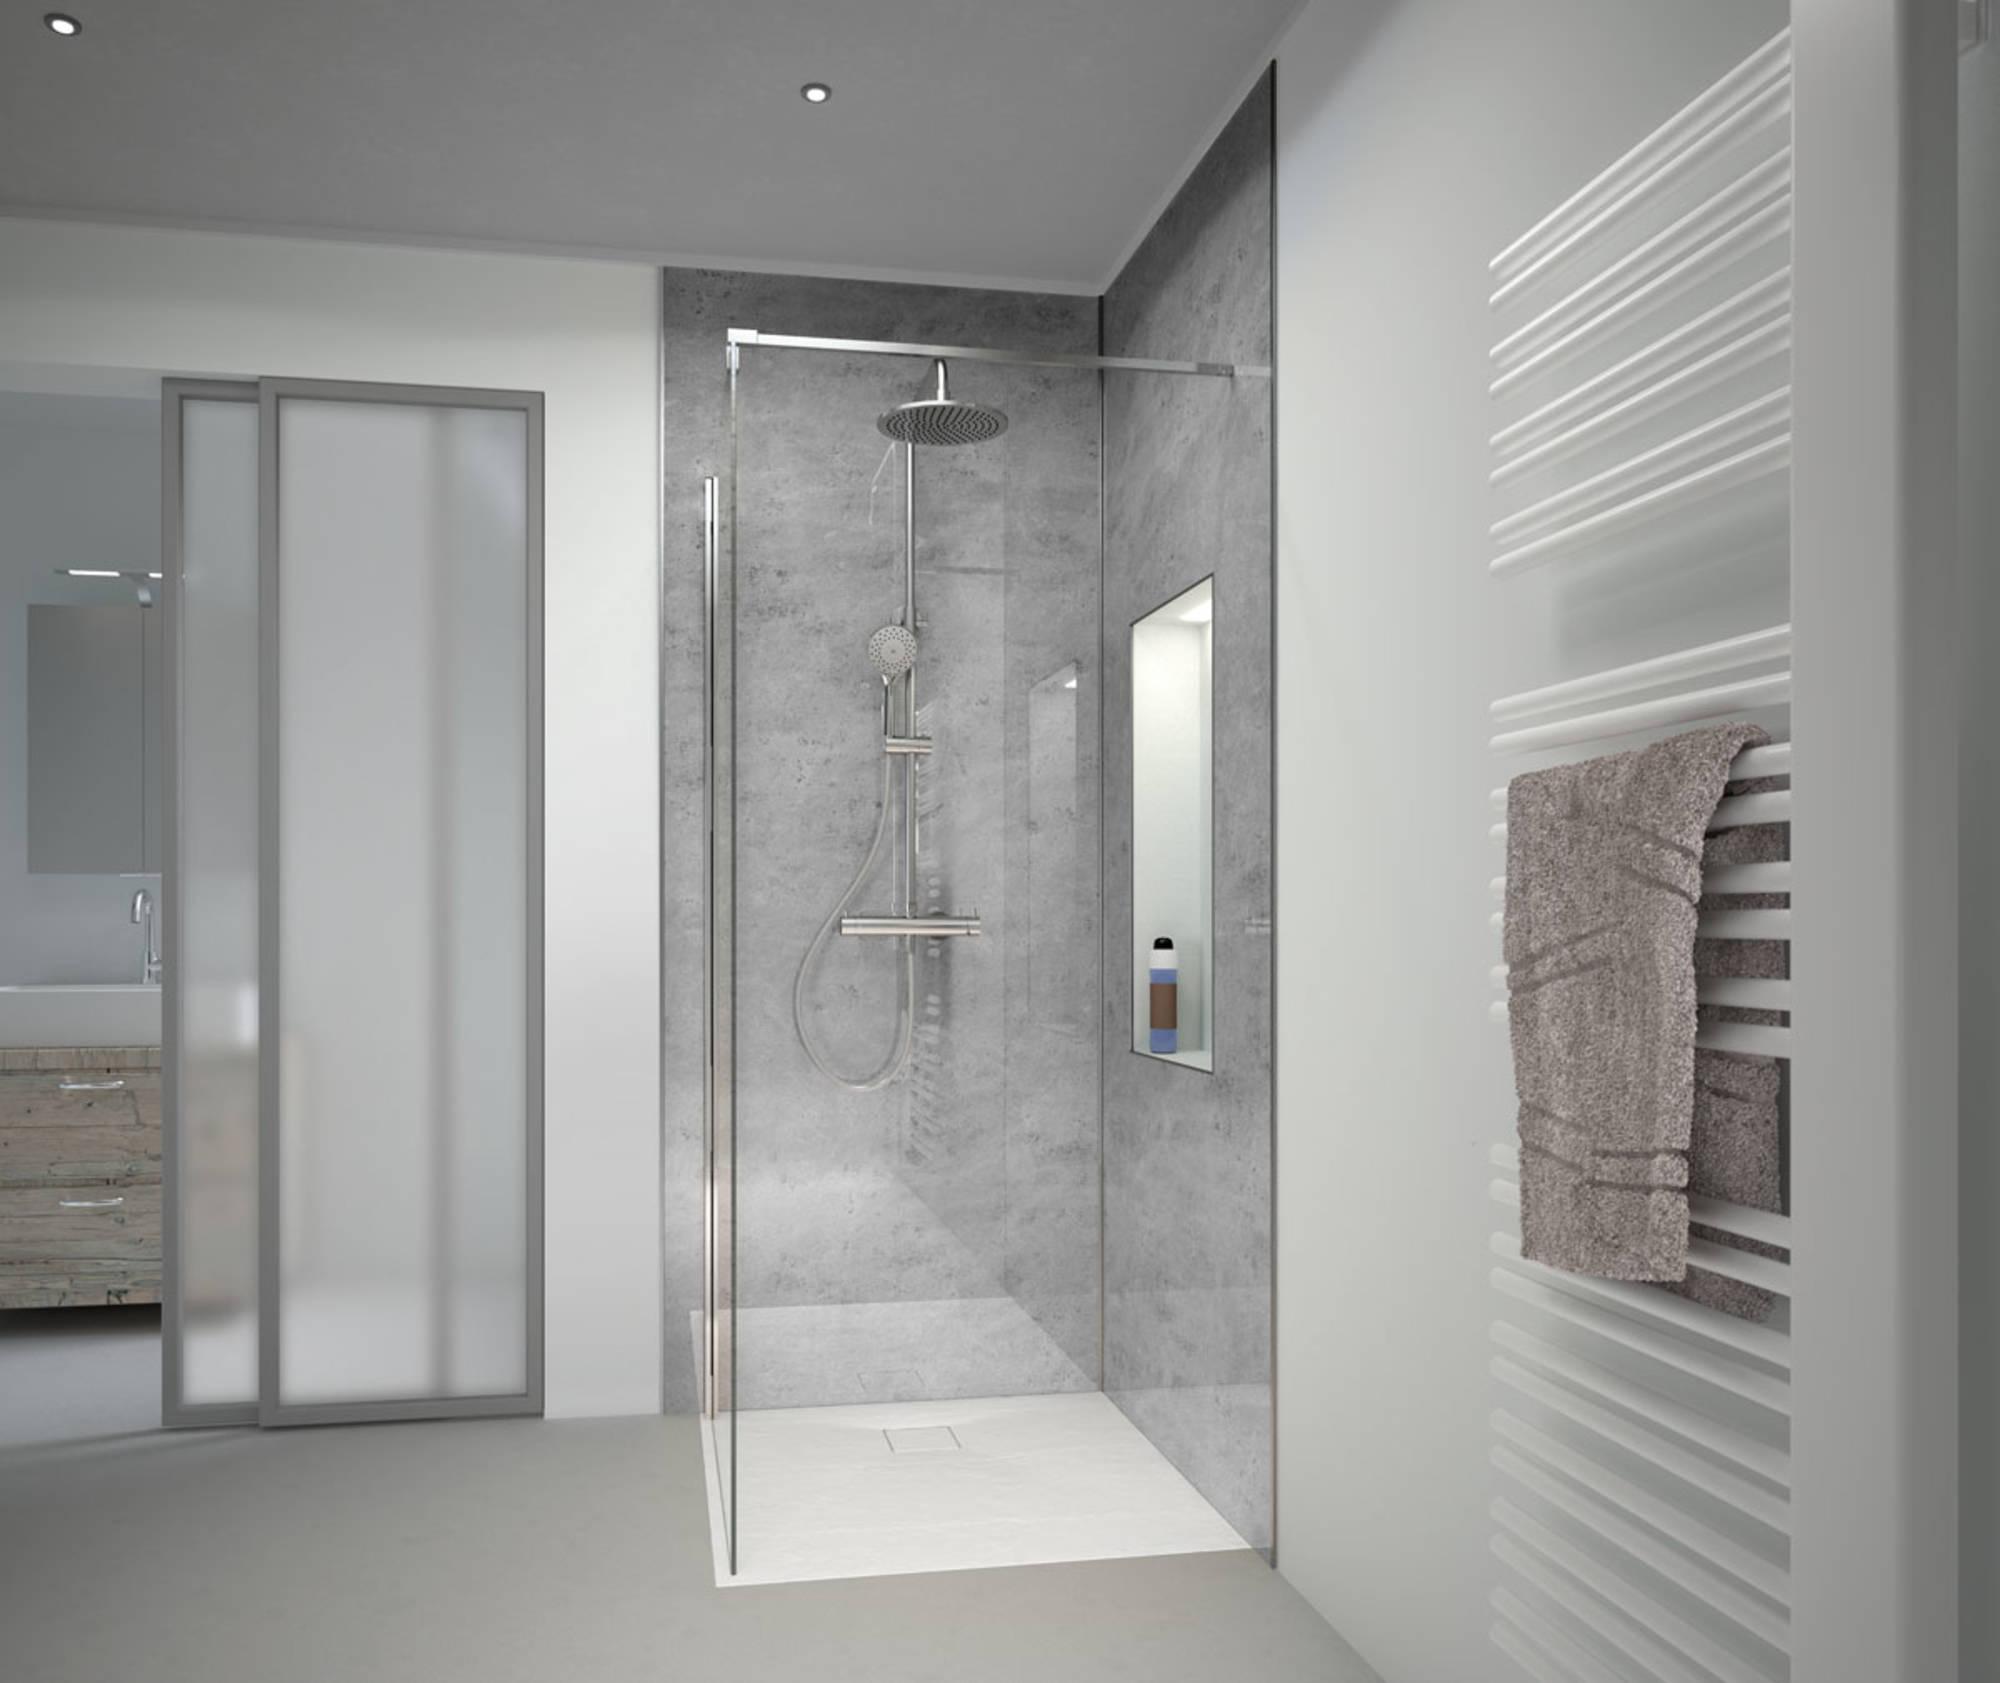 Duschprofi RenoDeco paneel Alu 100x210 cm natuursteen asgrijs